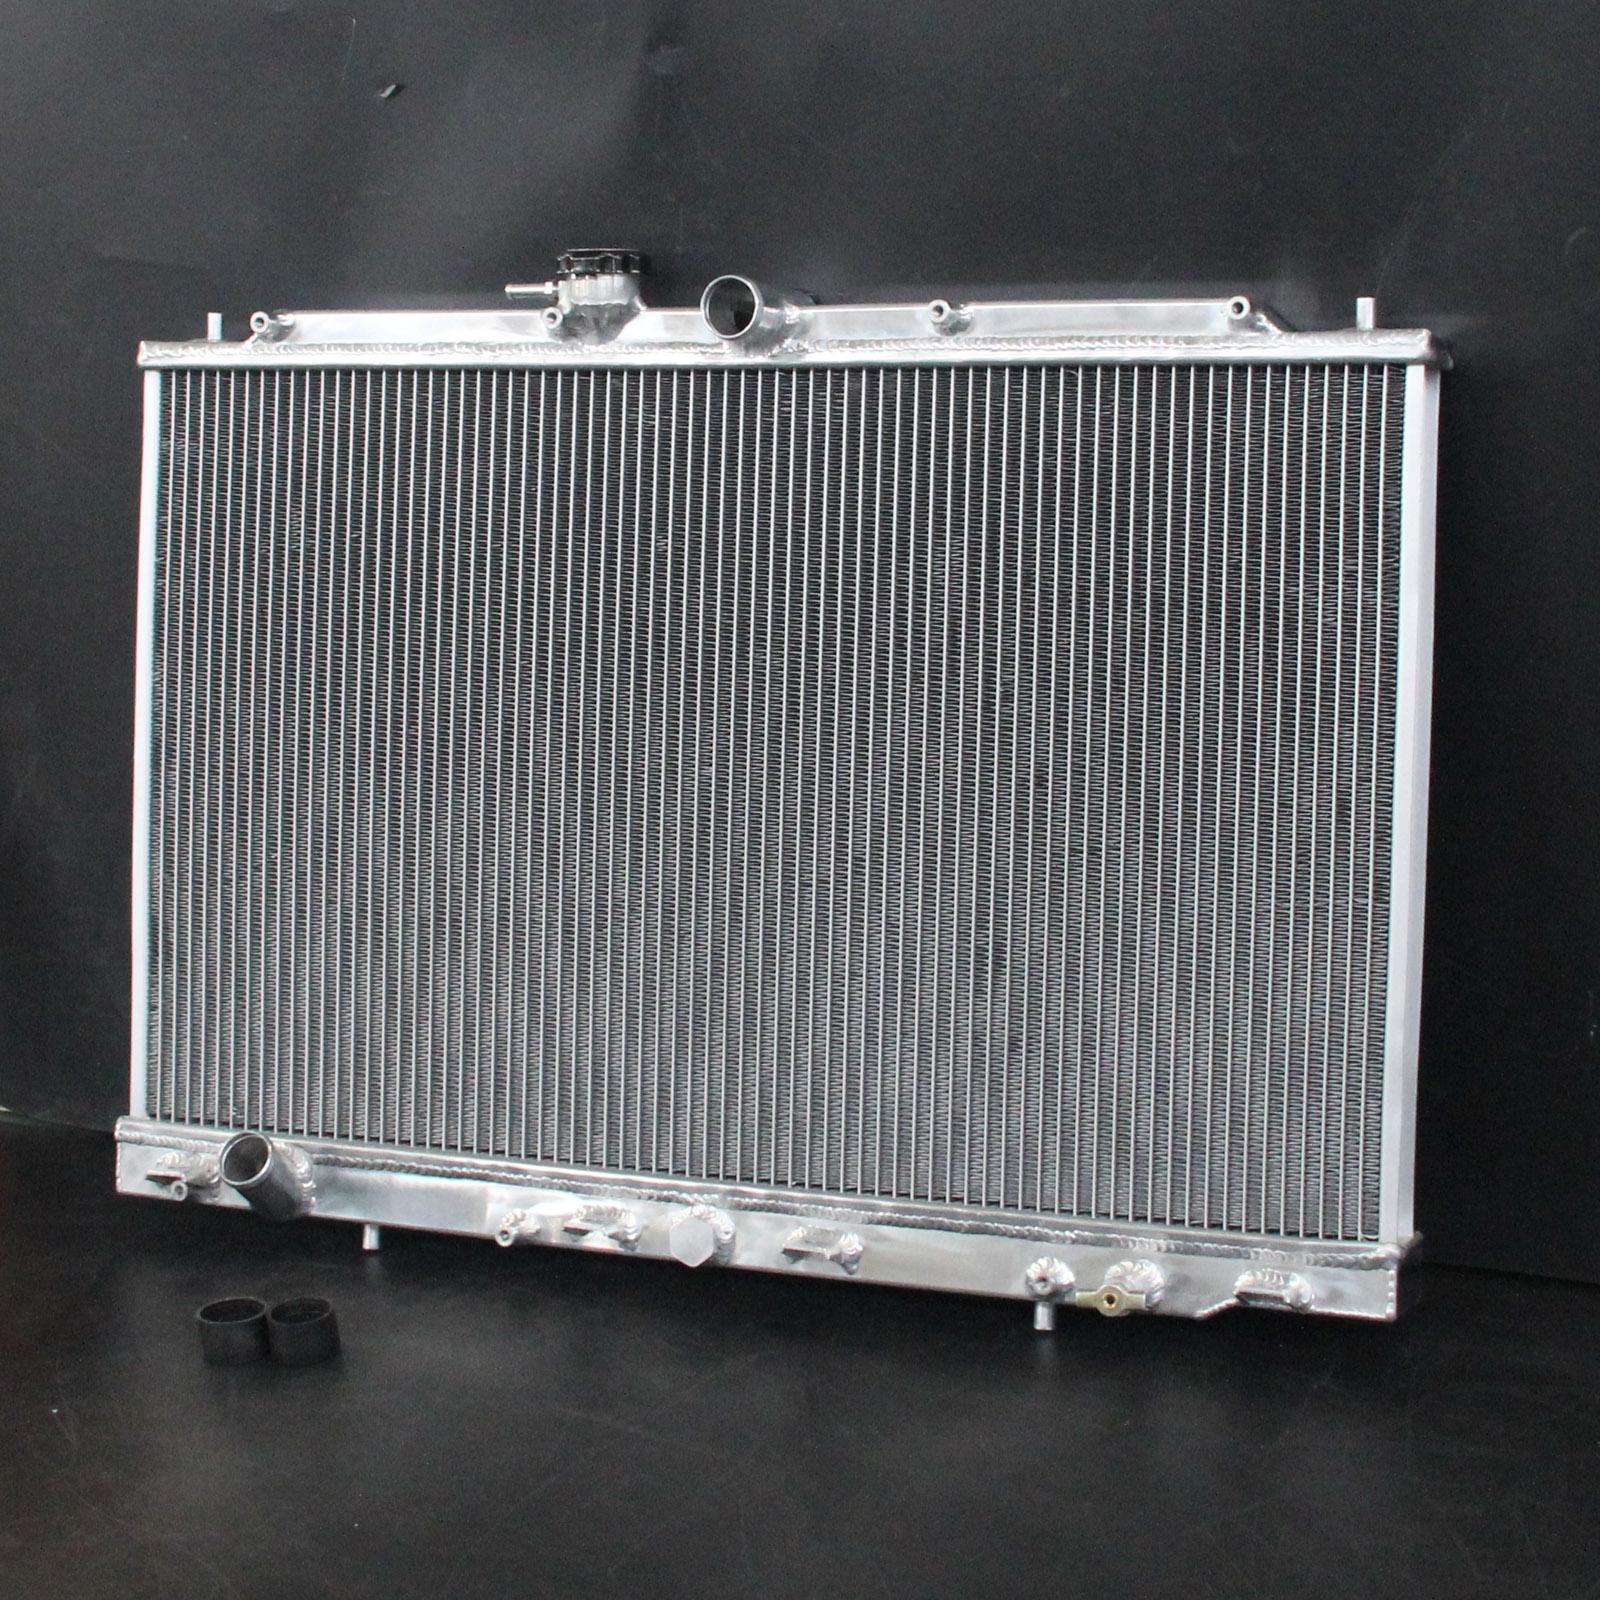 Fit 01-03 Acura CL TL Type-S V6 3.2L J32A1 J32A2 Aluminum